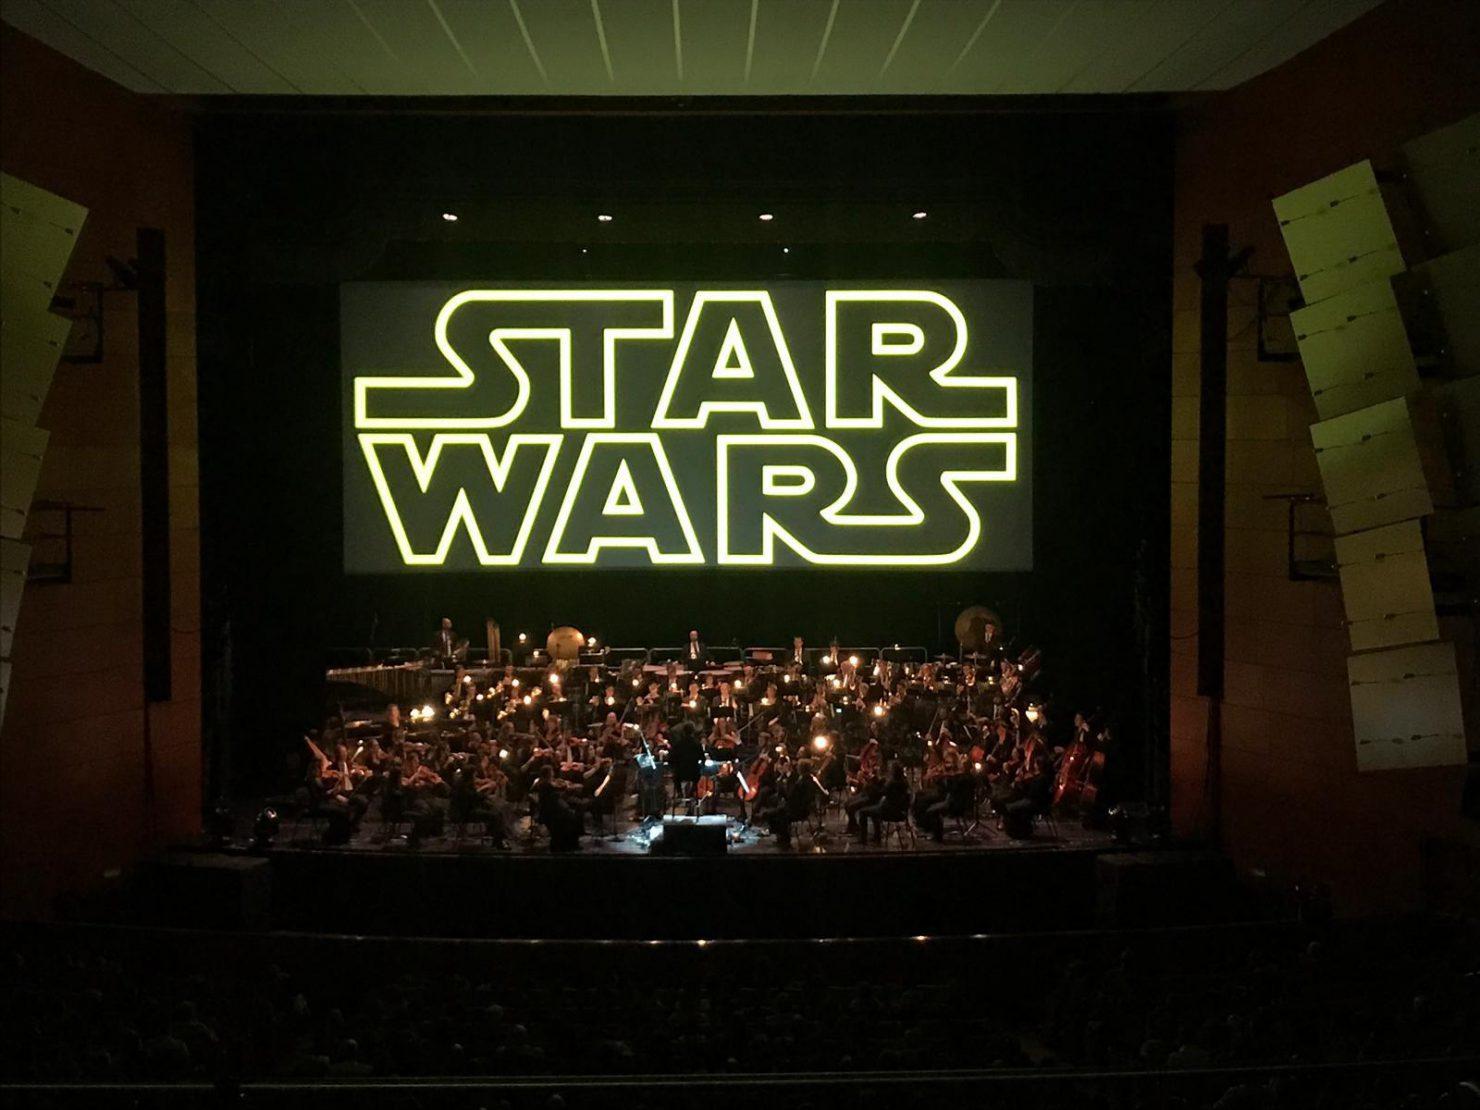 Allestimento audio, video e luci per la proiezione con concerto di Star Wars a Milano